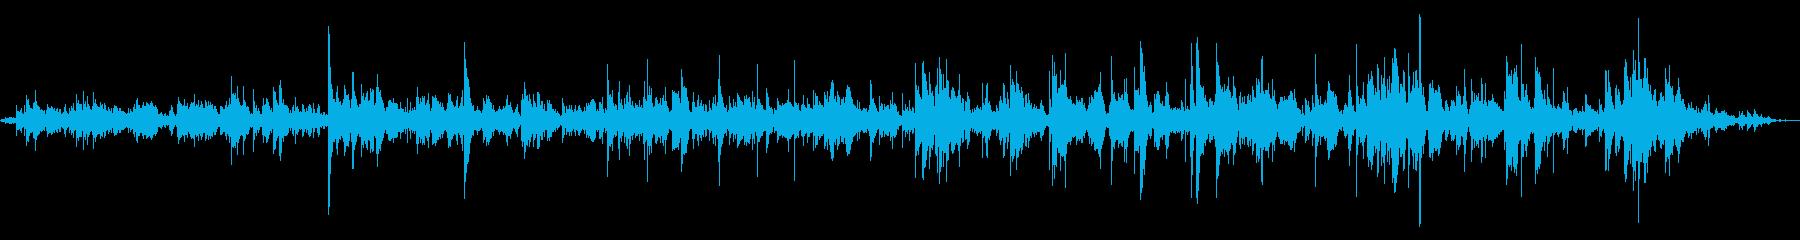 小さな鐘が鳴るの再生済みの波形